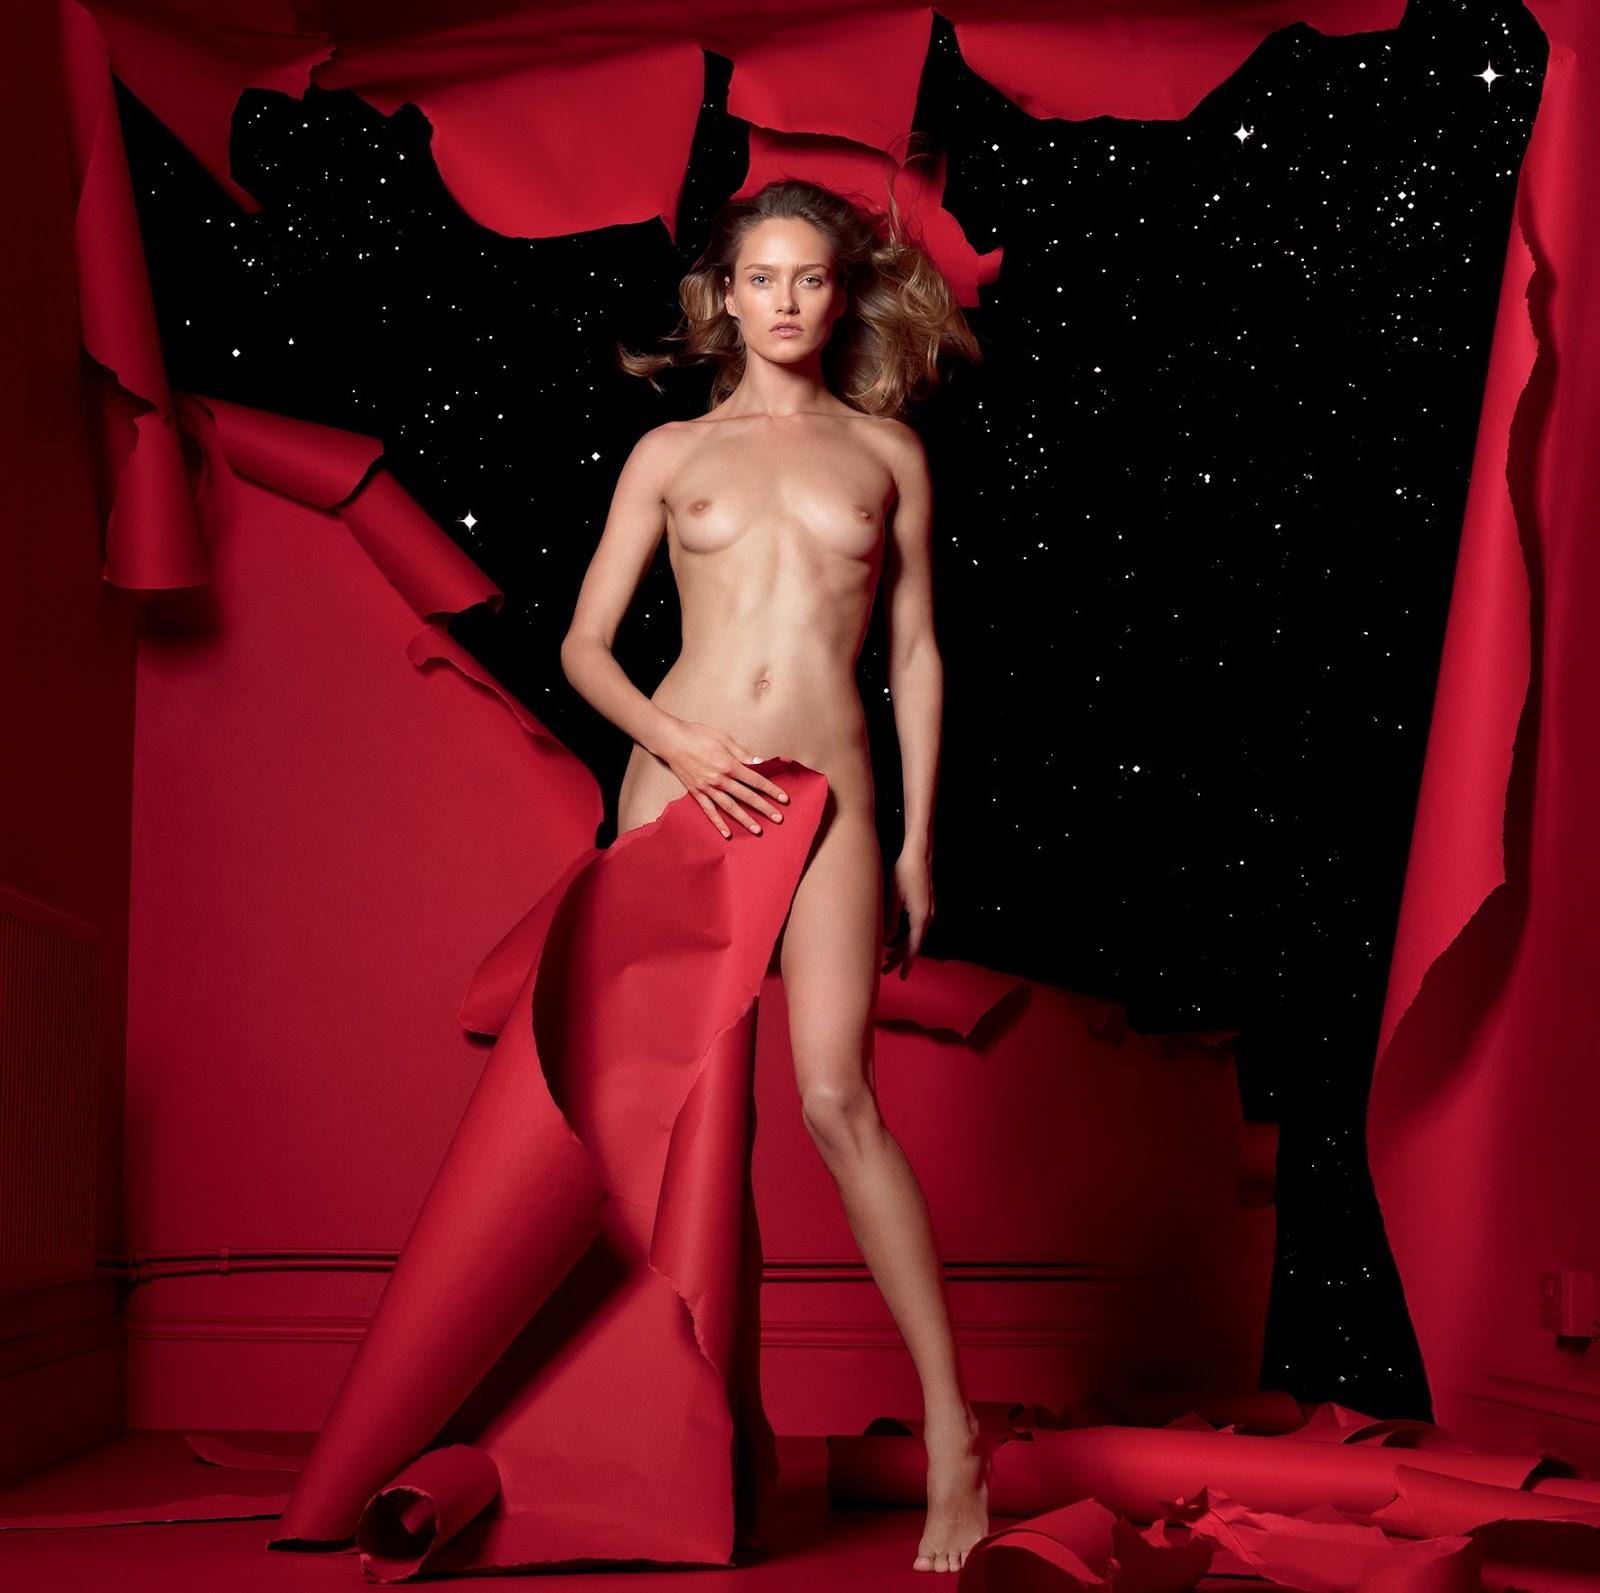 Эротика на красном 21 фотография